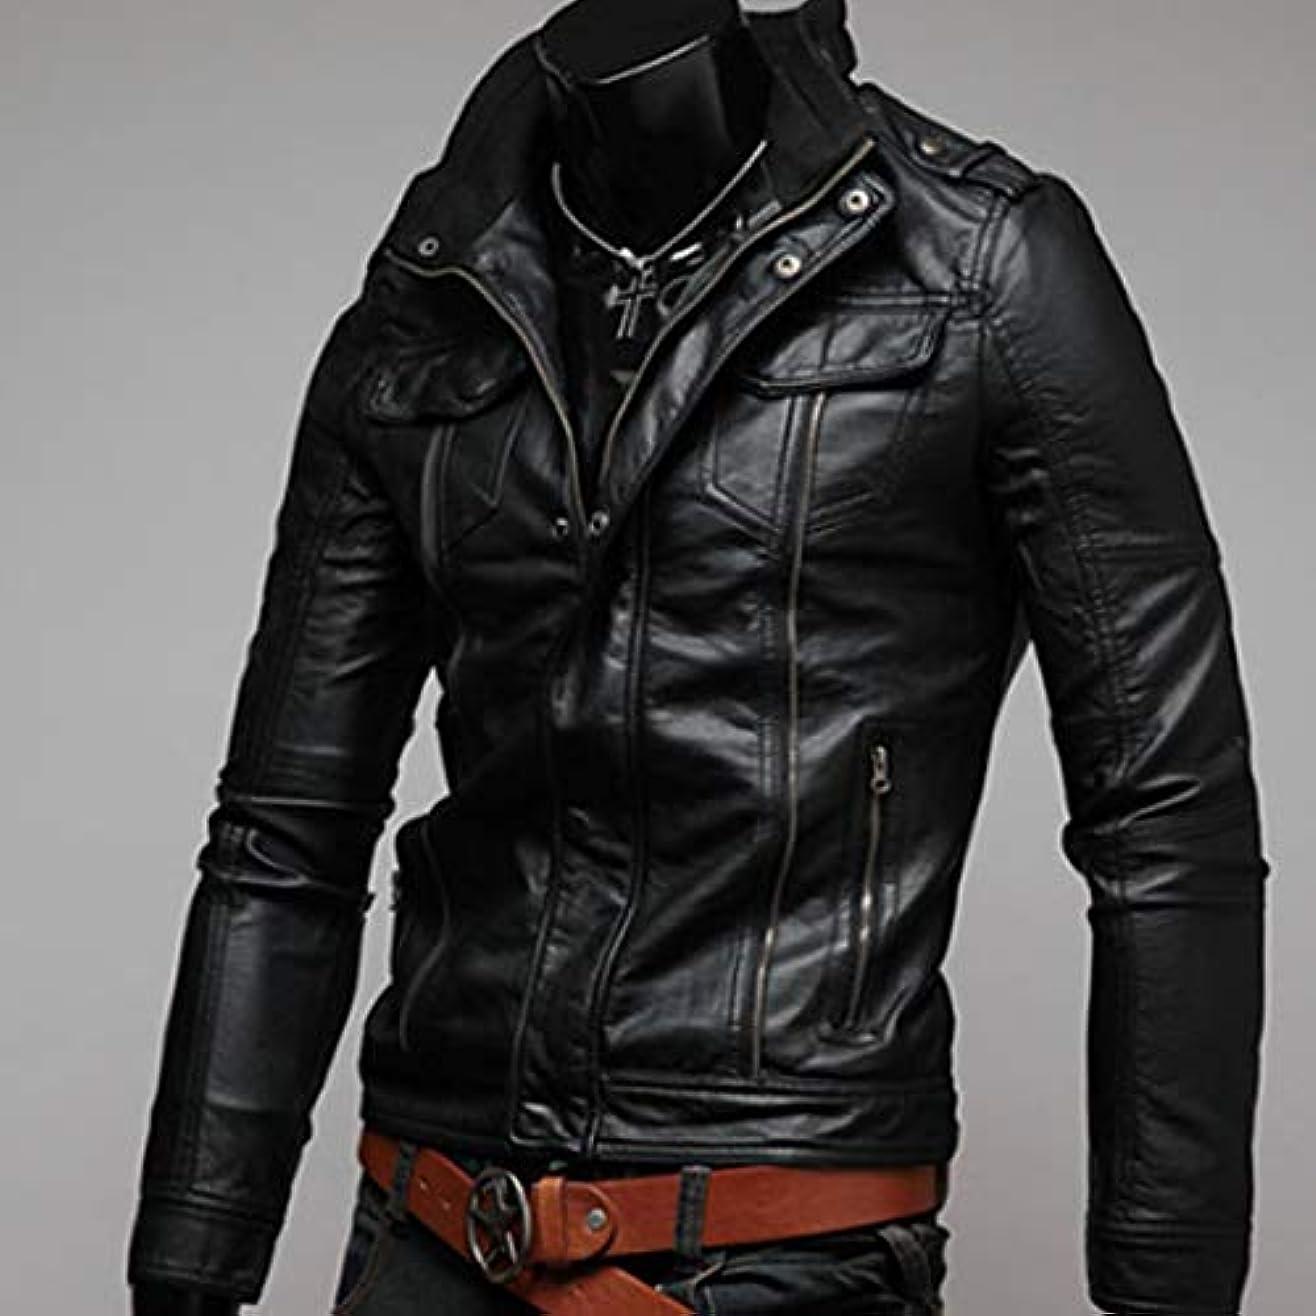 まろやかな拒否抑制するファッションクールオートバイレザージャケットコートトレンディなデザイン男性コートユニセックス生き抜く快適な男性服-ブラックL